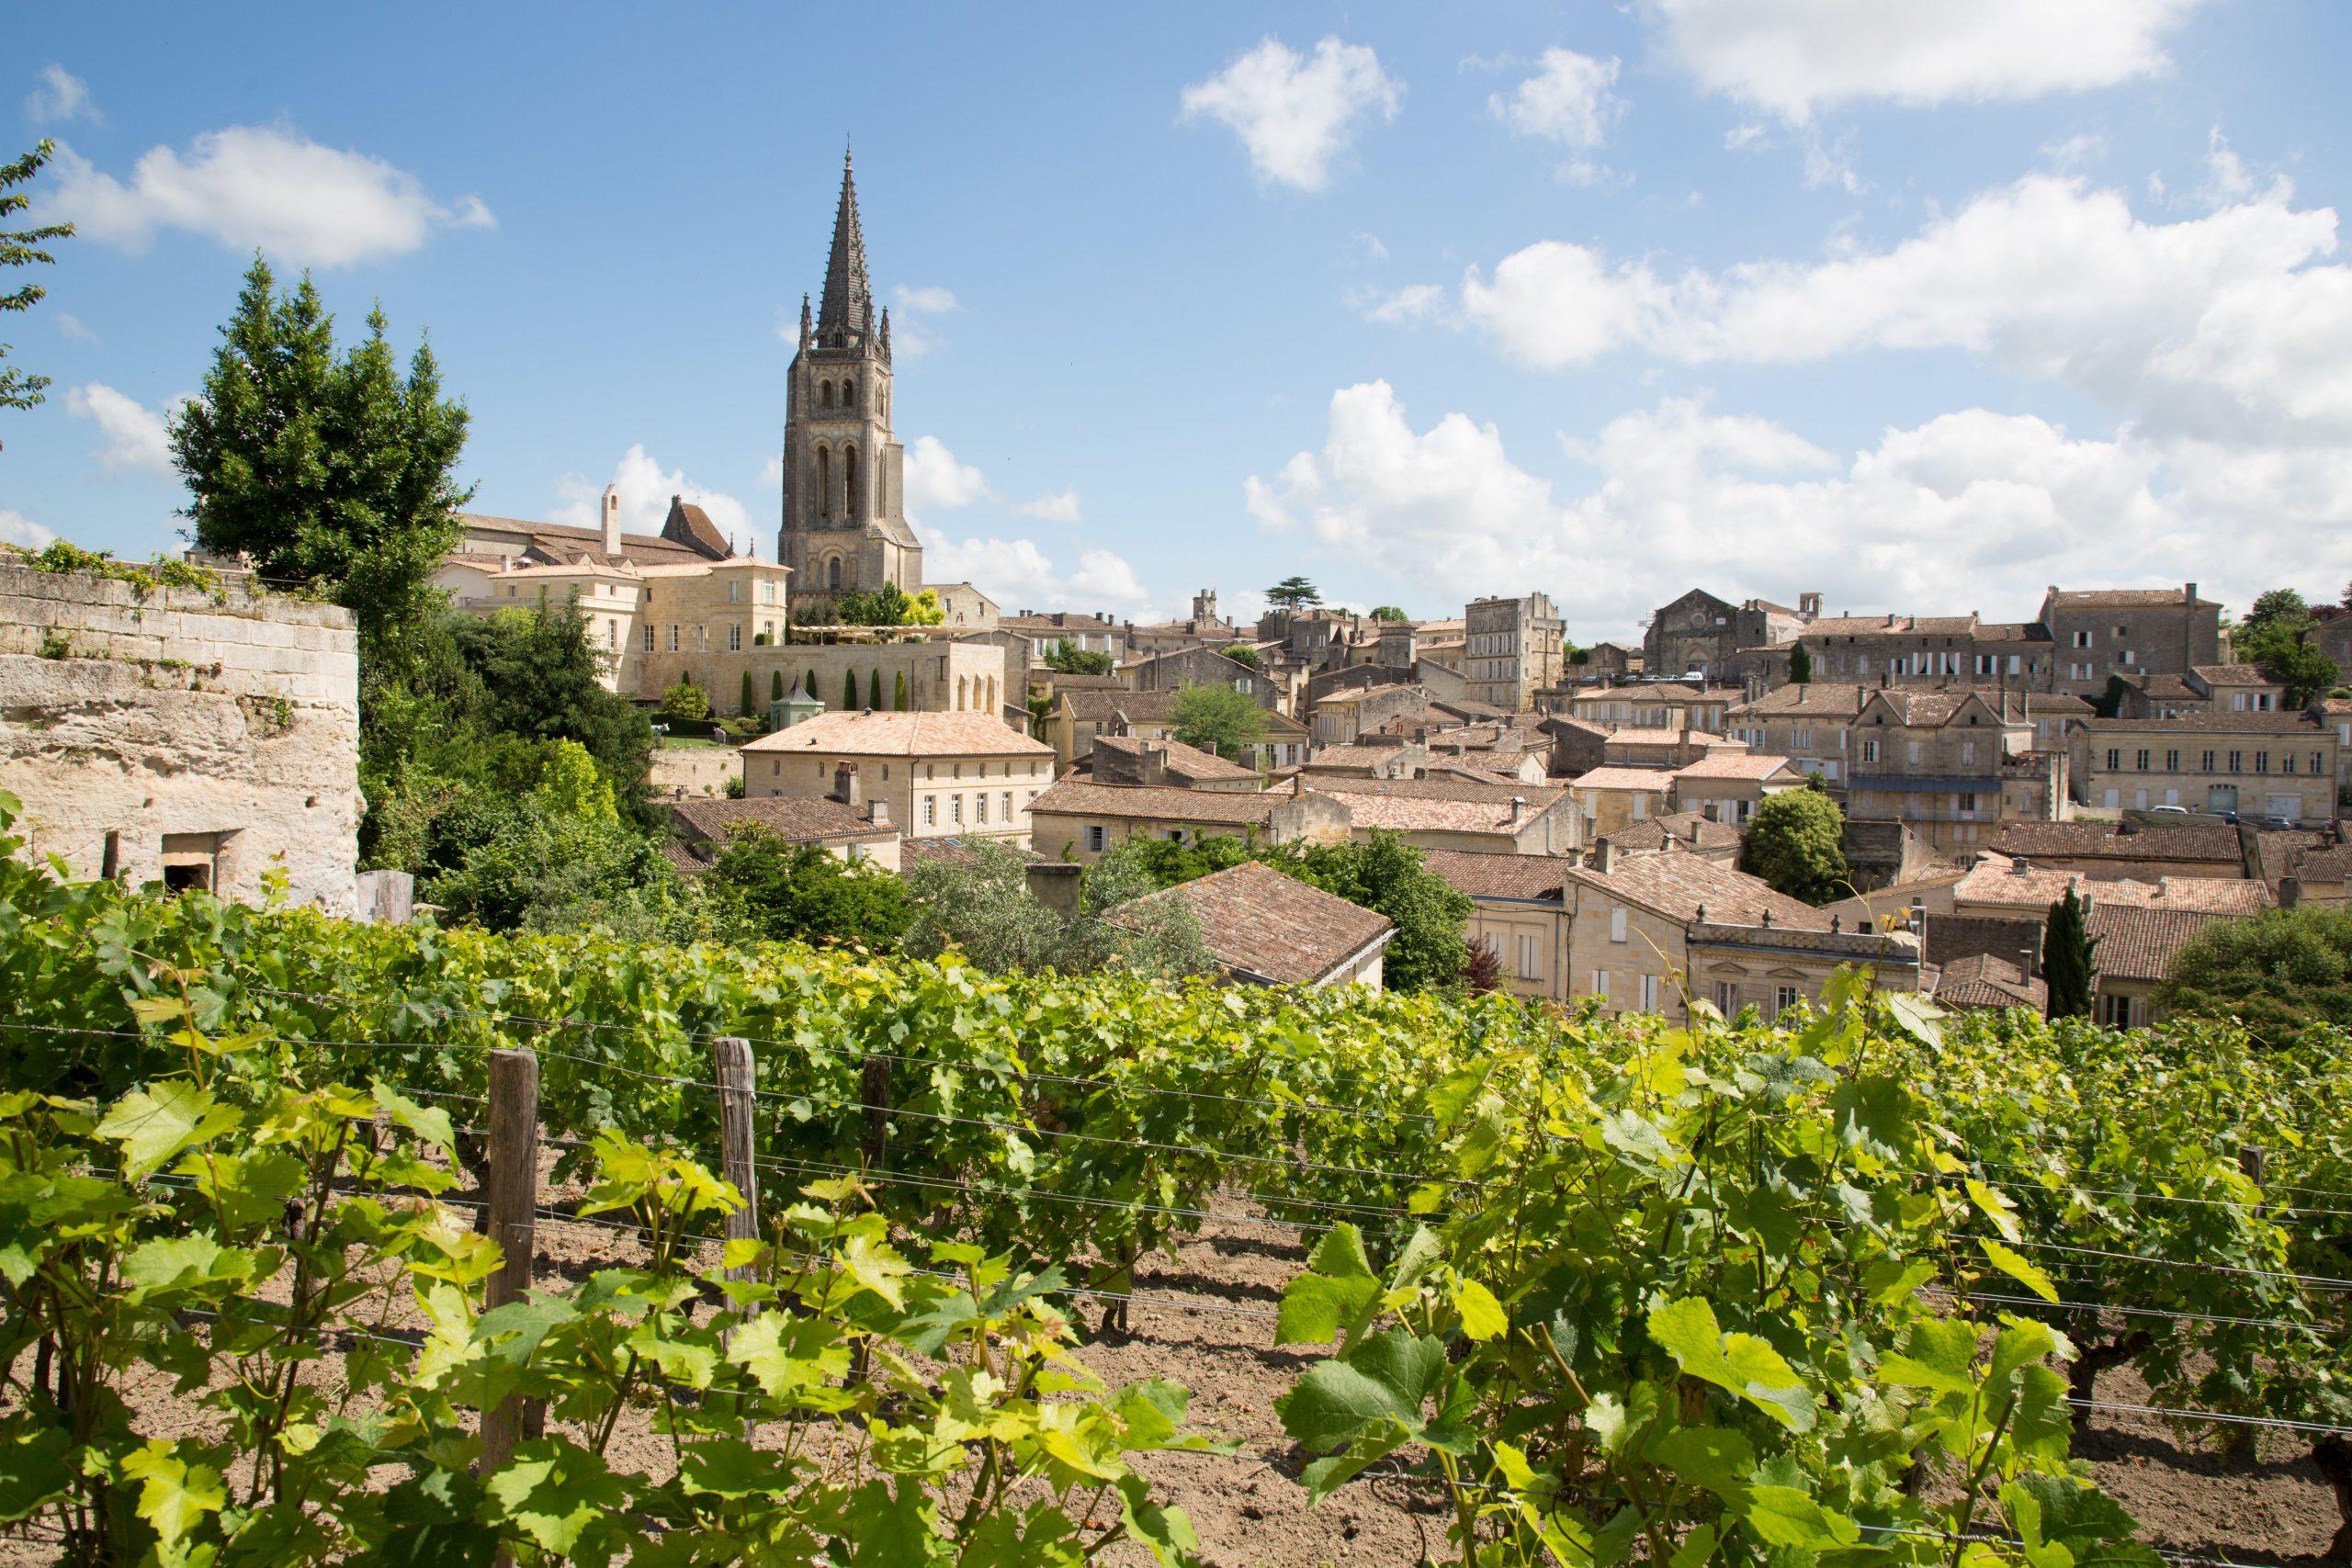 Vino, morje & ostrige - Bordeaux z letalom 4 dni